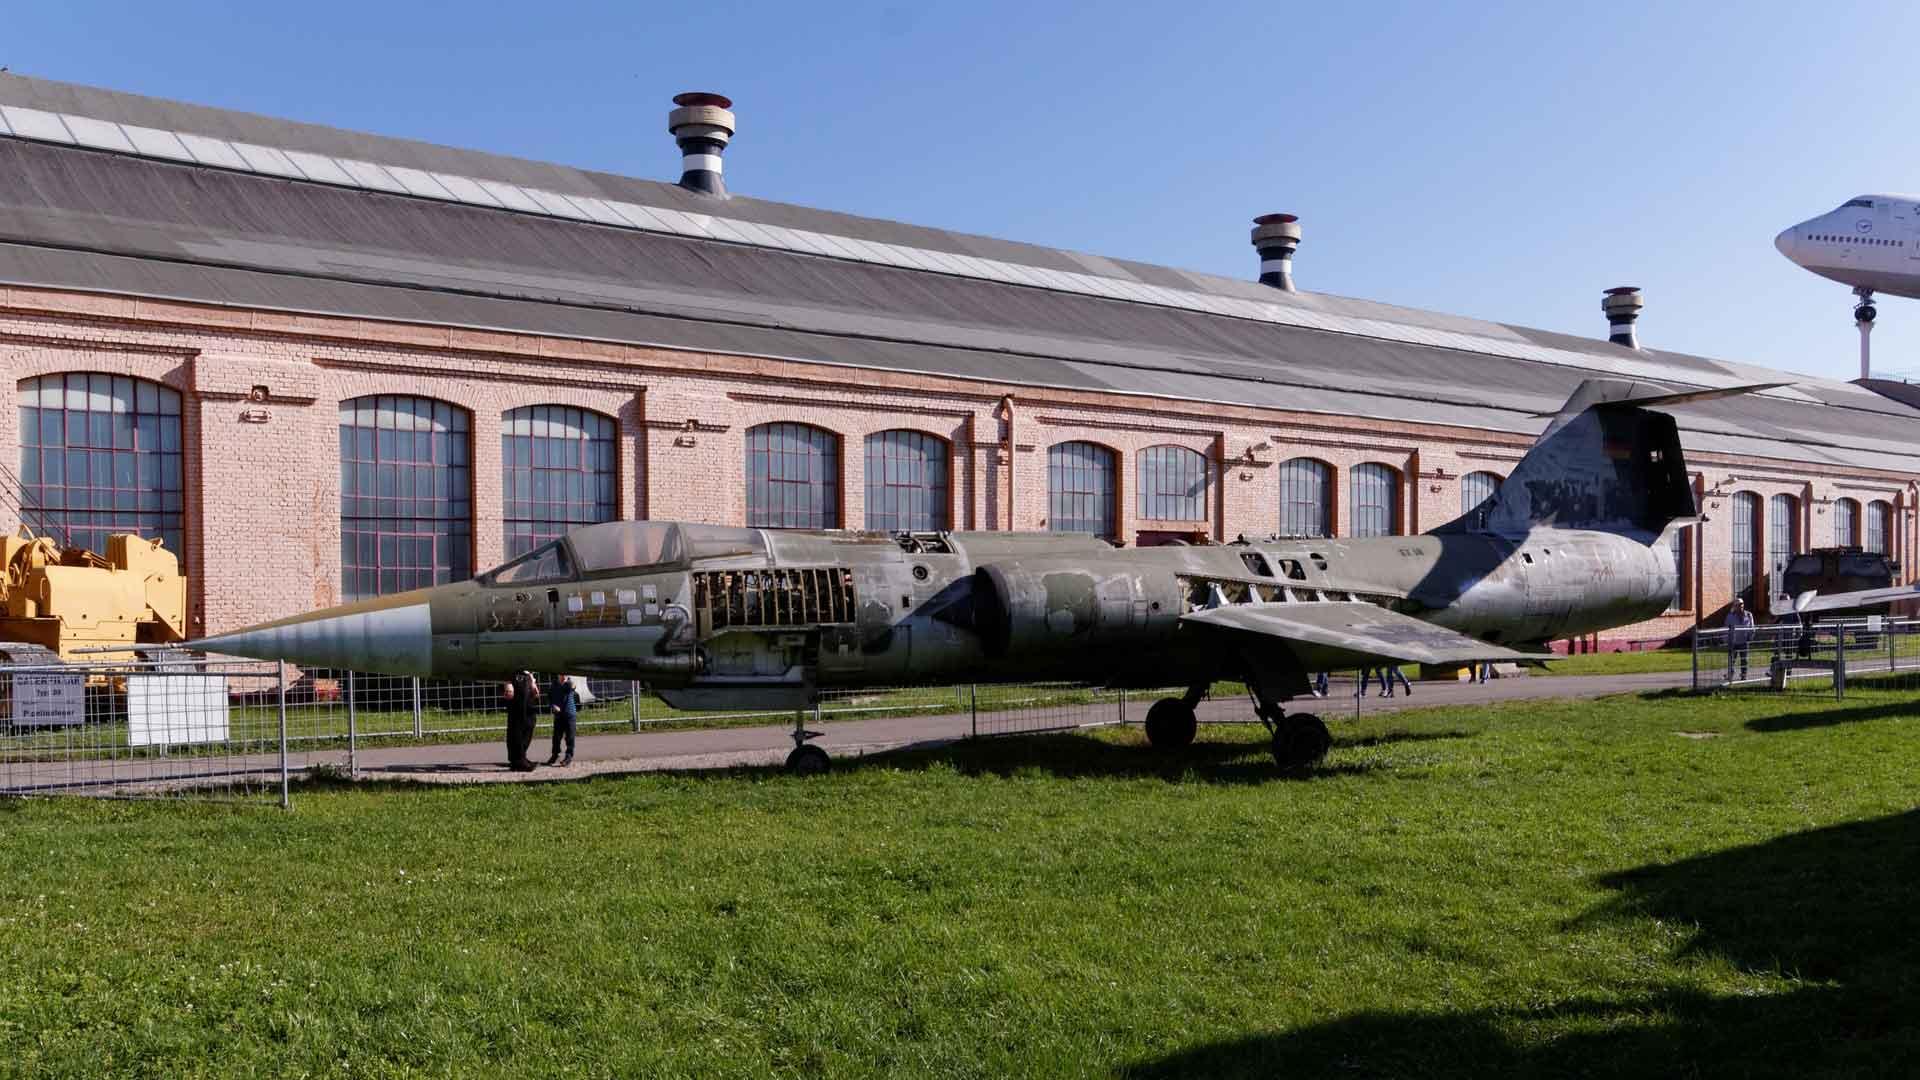 Liefhebbers van techniek kunnen hun hart ophalen in het Technikmuseum in Speyer.